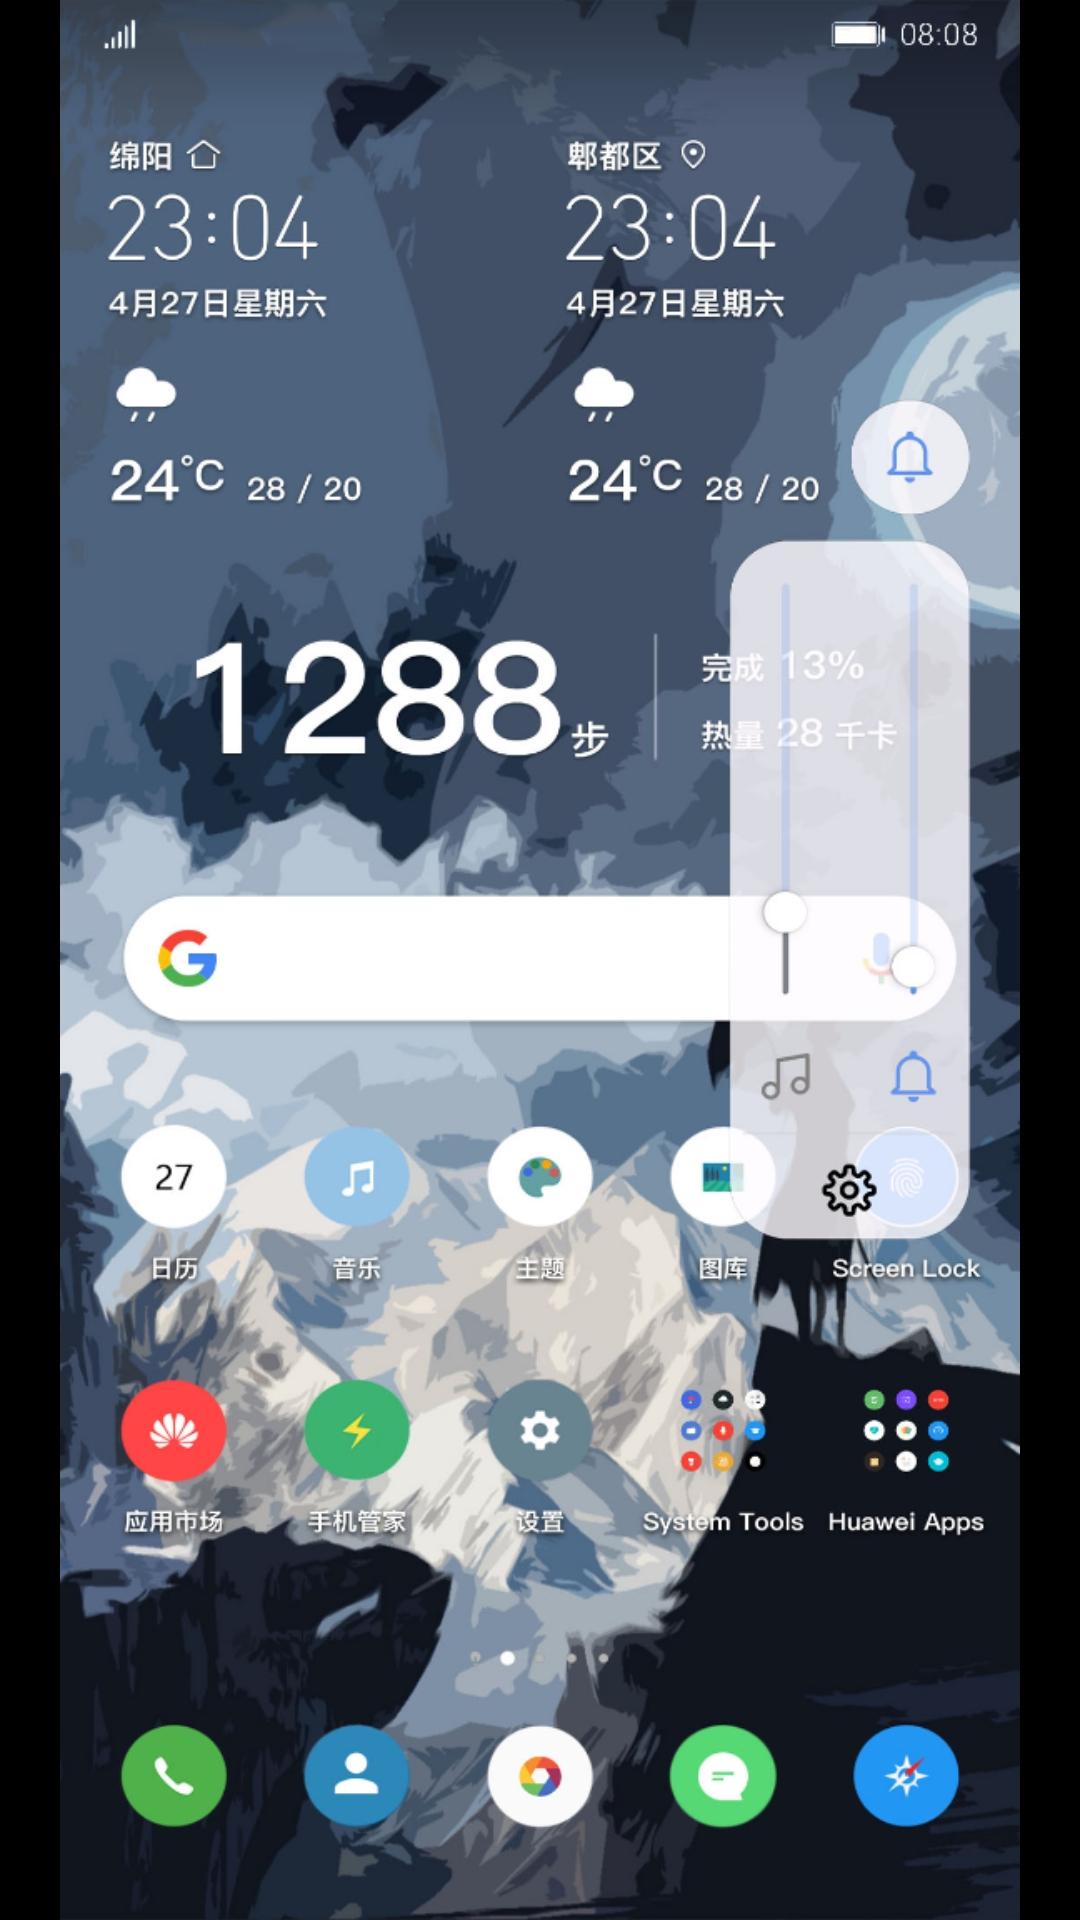 Screenshot_20190520_153156_com.huawei.android.the.jpg